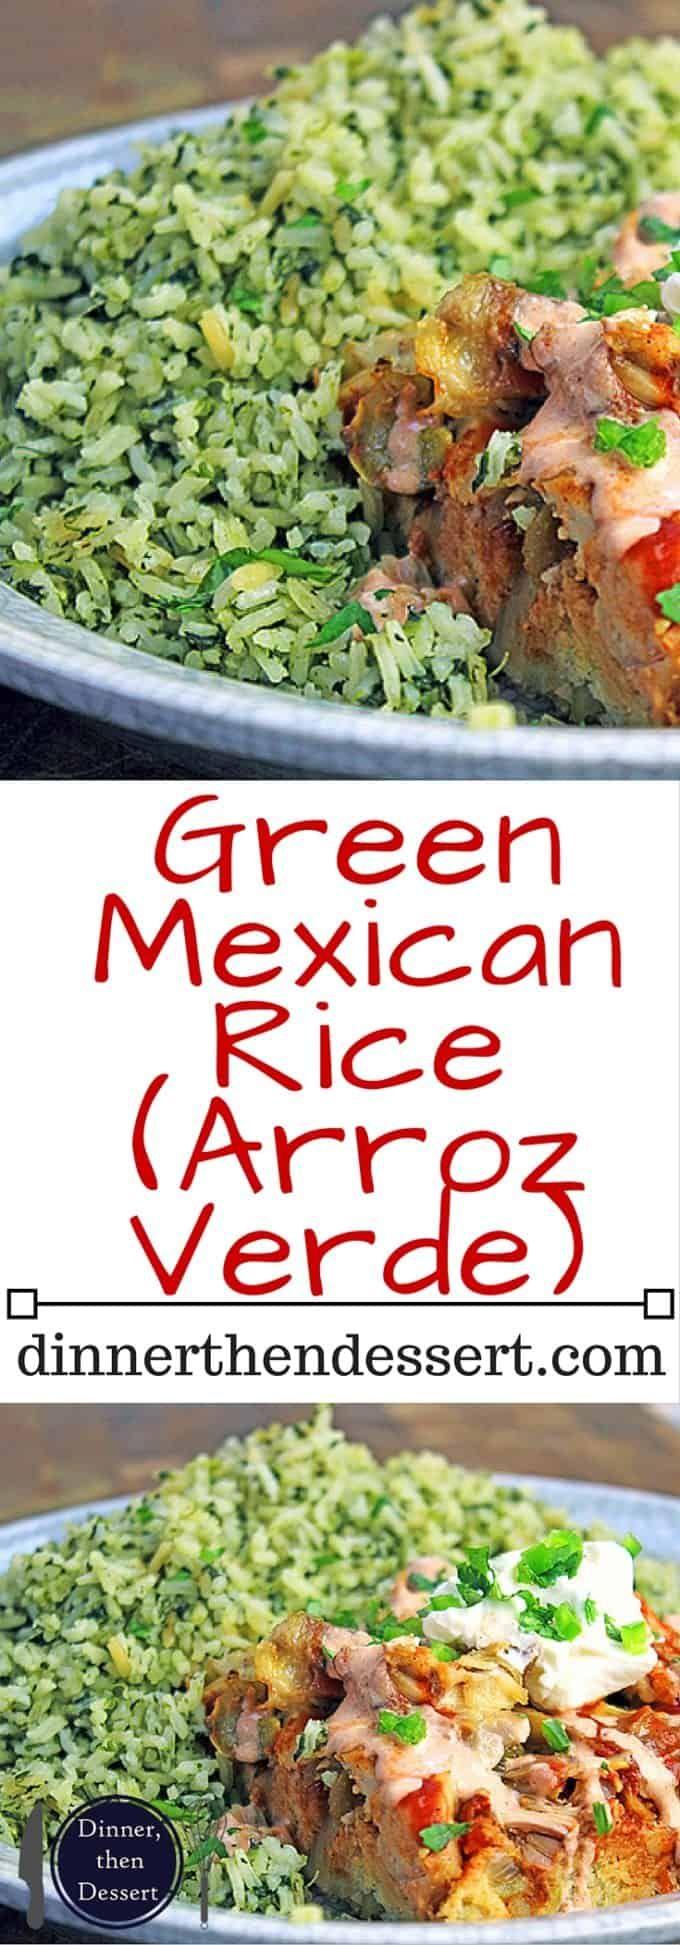 Green Mexican Rice (Arroz Verde) - Dinner, then Dessert ...